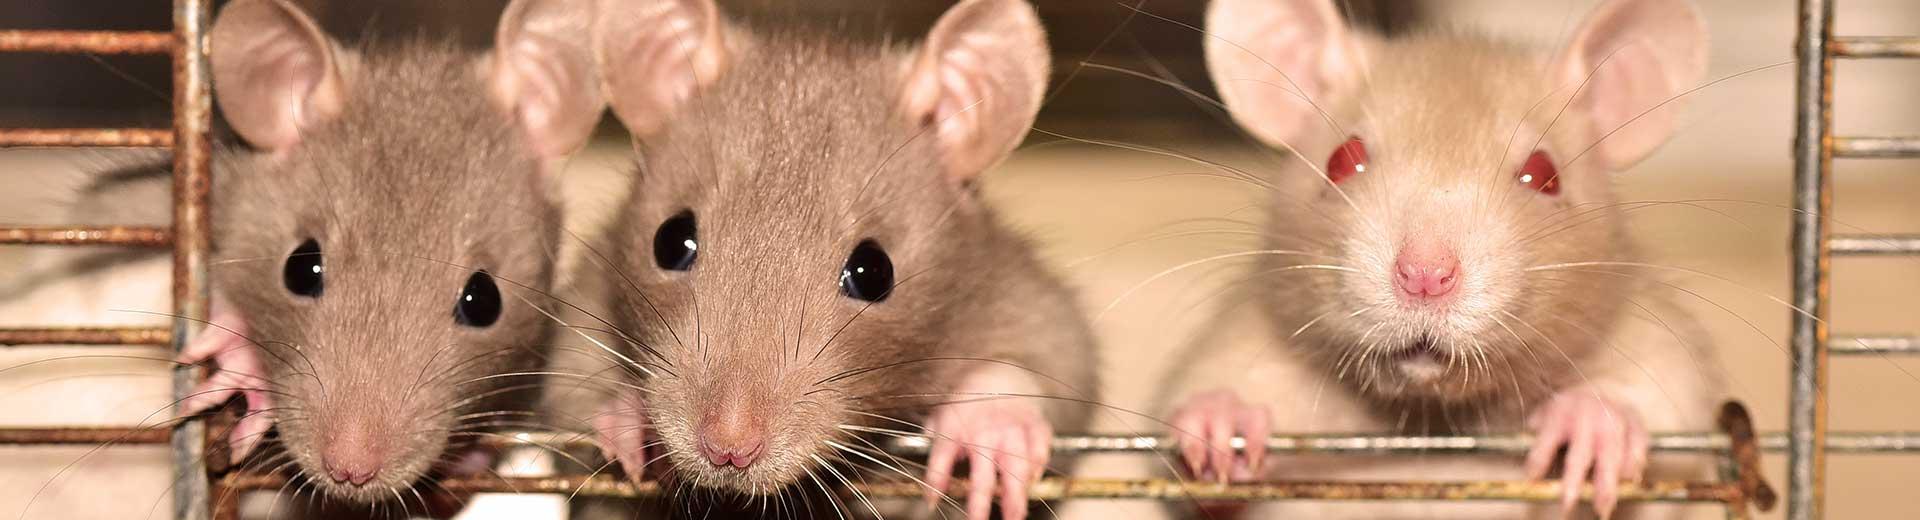 Andere dieren - rat